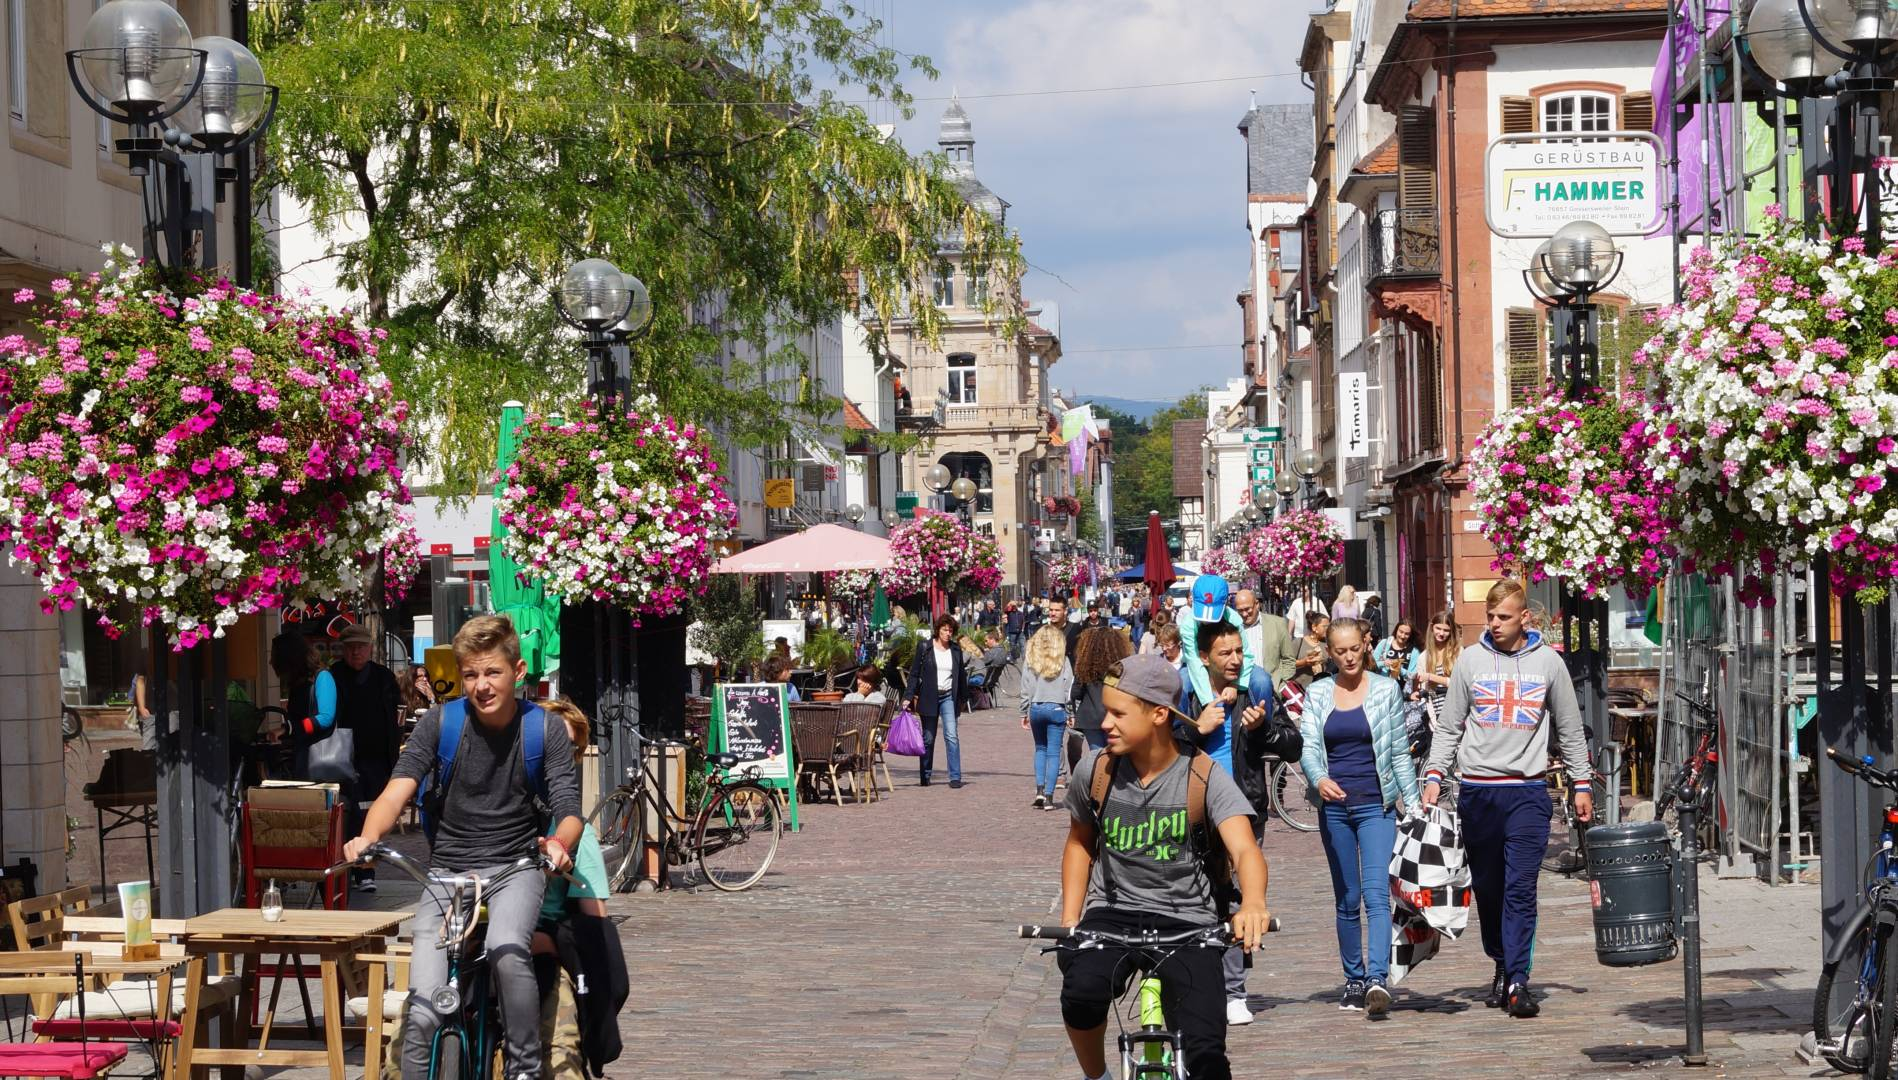 In ganz Deutschland unterwegs. Flower Baskets von Flower and Shower in der Landauer Fußgängerzone